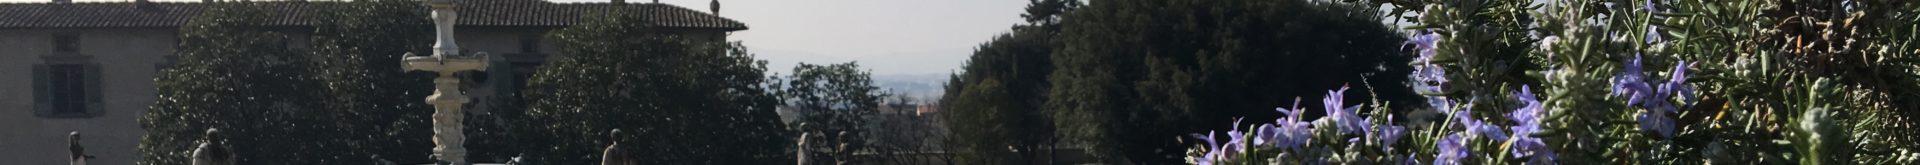 Ville e giardini medicei in Toscana: un sito per valorizzare il patrimonio UNESCO